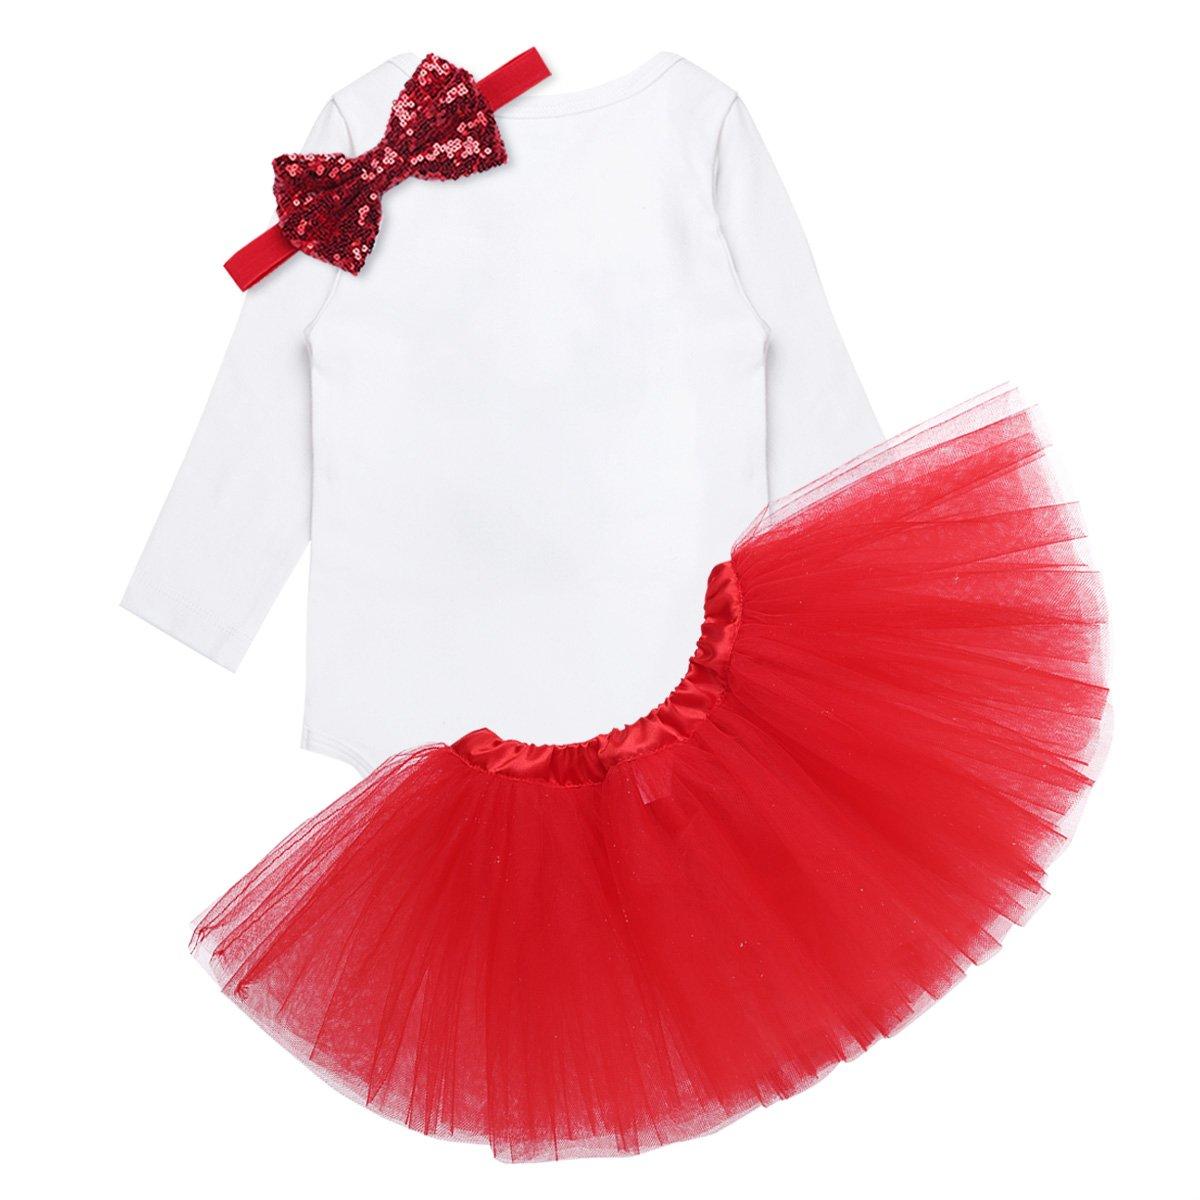 Amazon.com: iEFiEL Baby Girls Christmas Costume Bodysuit Headband ...